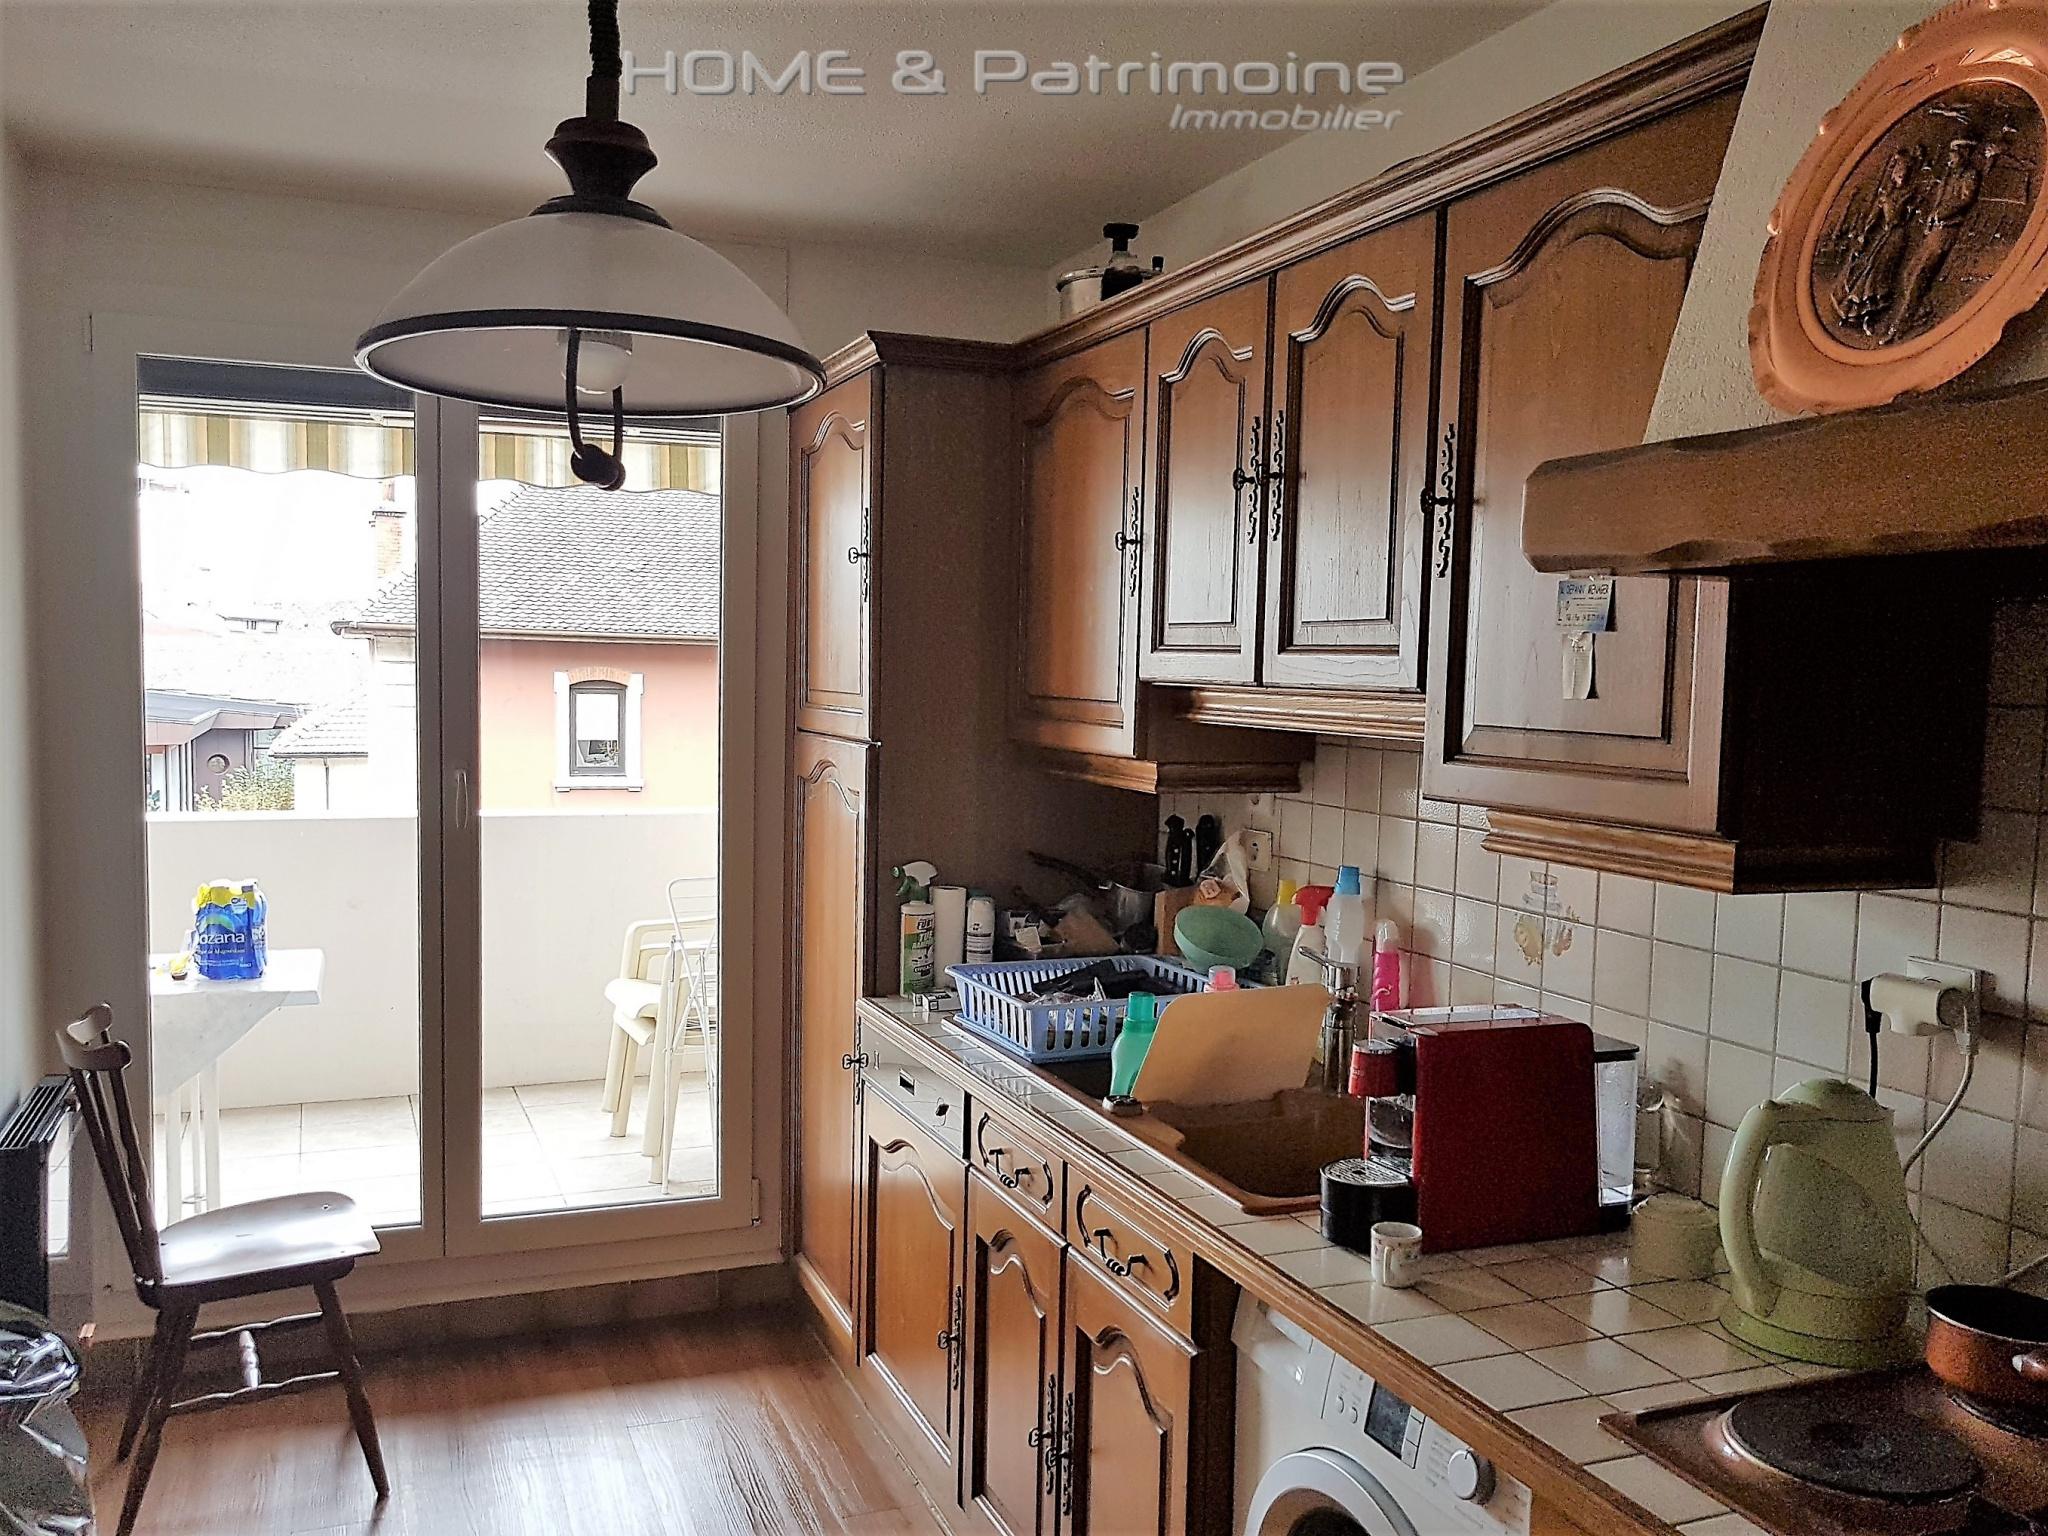 vente appartements sciez thonon les bains douvaine et environ t1 t2 t3 et plus. Black Bedroom Furniture Sets. Home Design Ideas